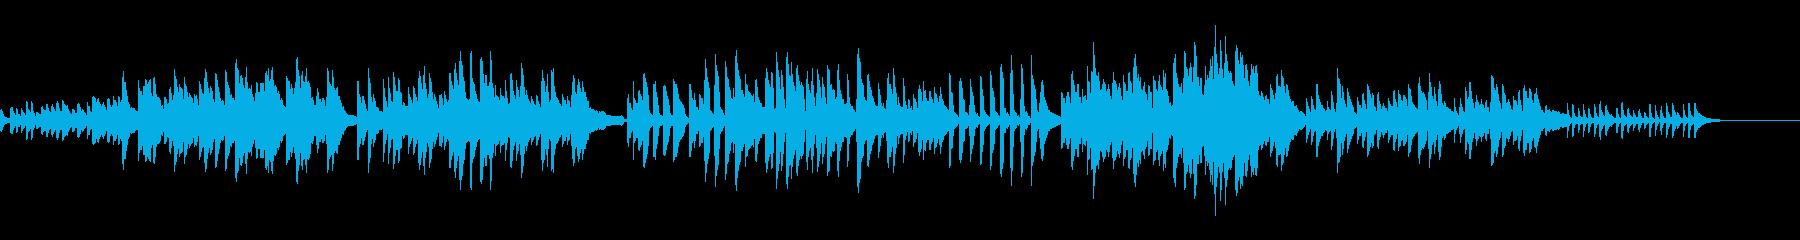 生演奏!ノスタルジックなソロピアノ曲の再生済みの波形